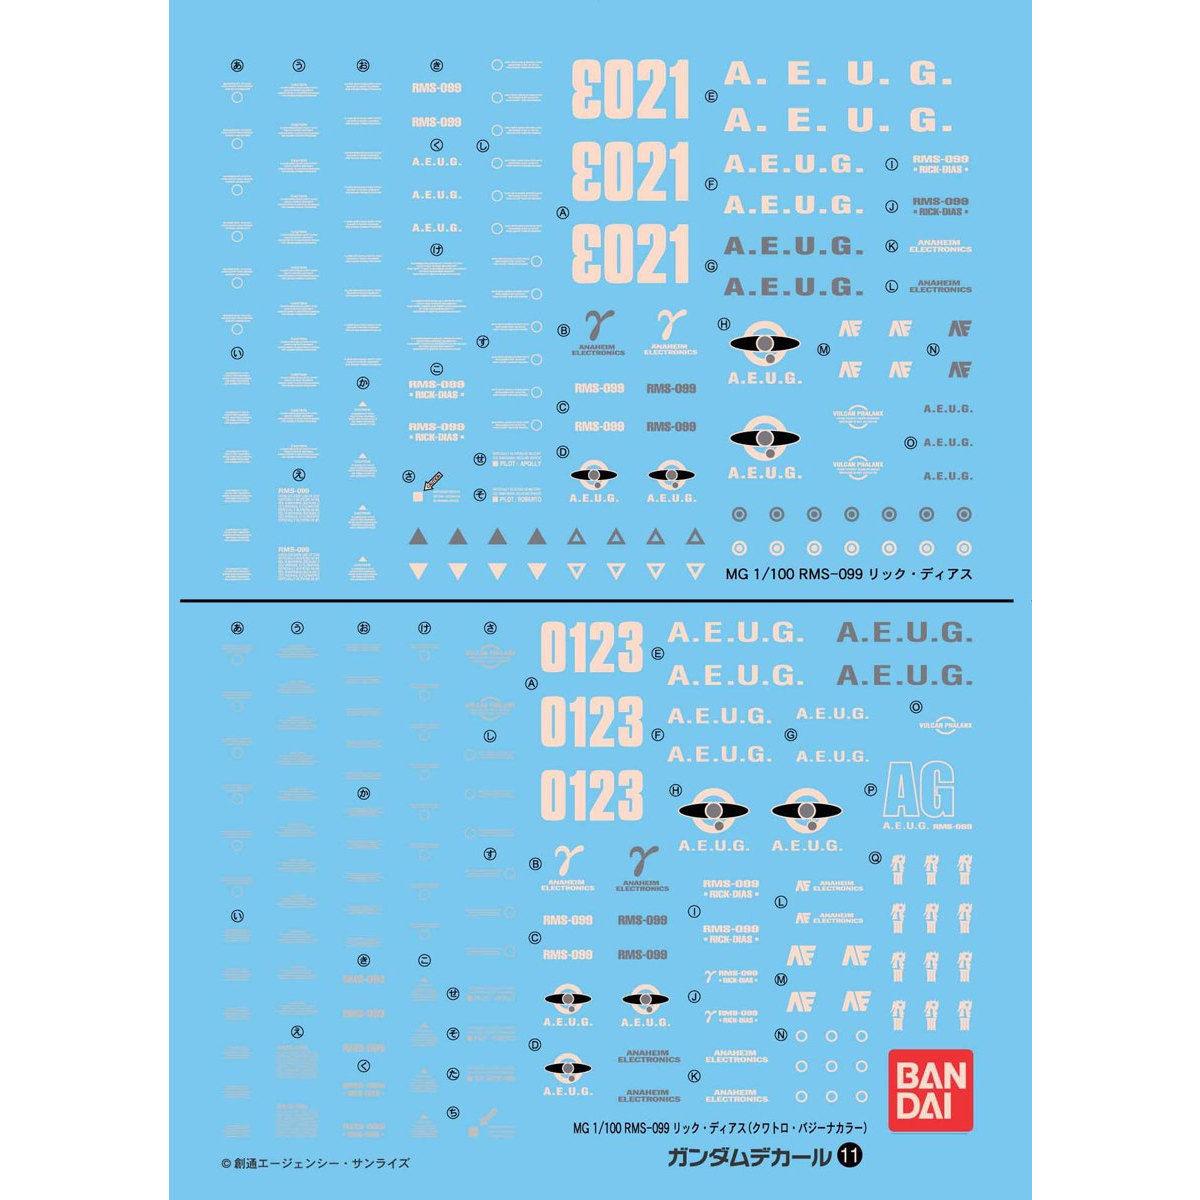 ガンダムデカール 1/100 MG RMS-099「リック・ディアス」用,RMS-099「リック・ディアス(クワトロ・バジーナカラー)」用